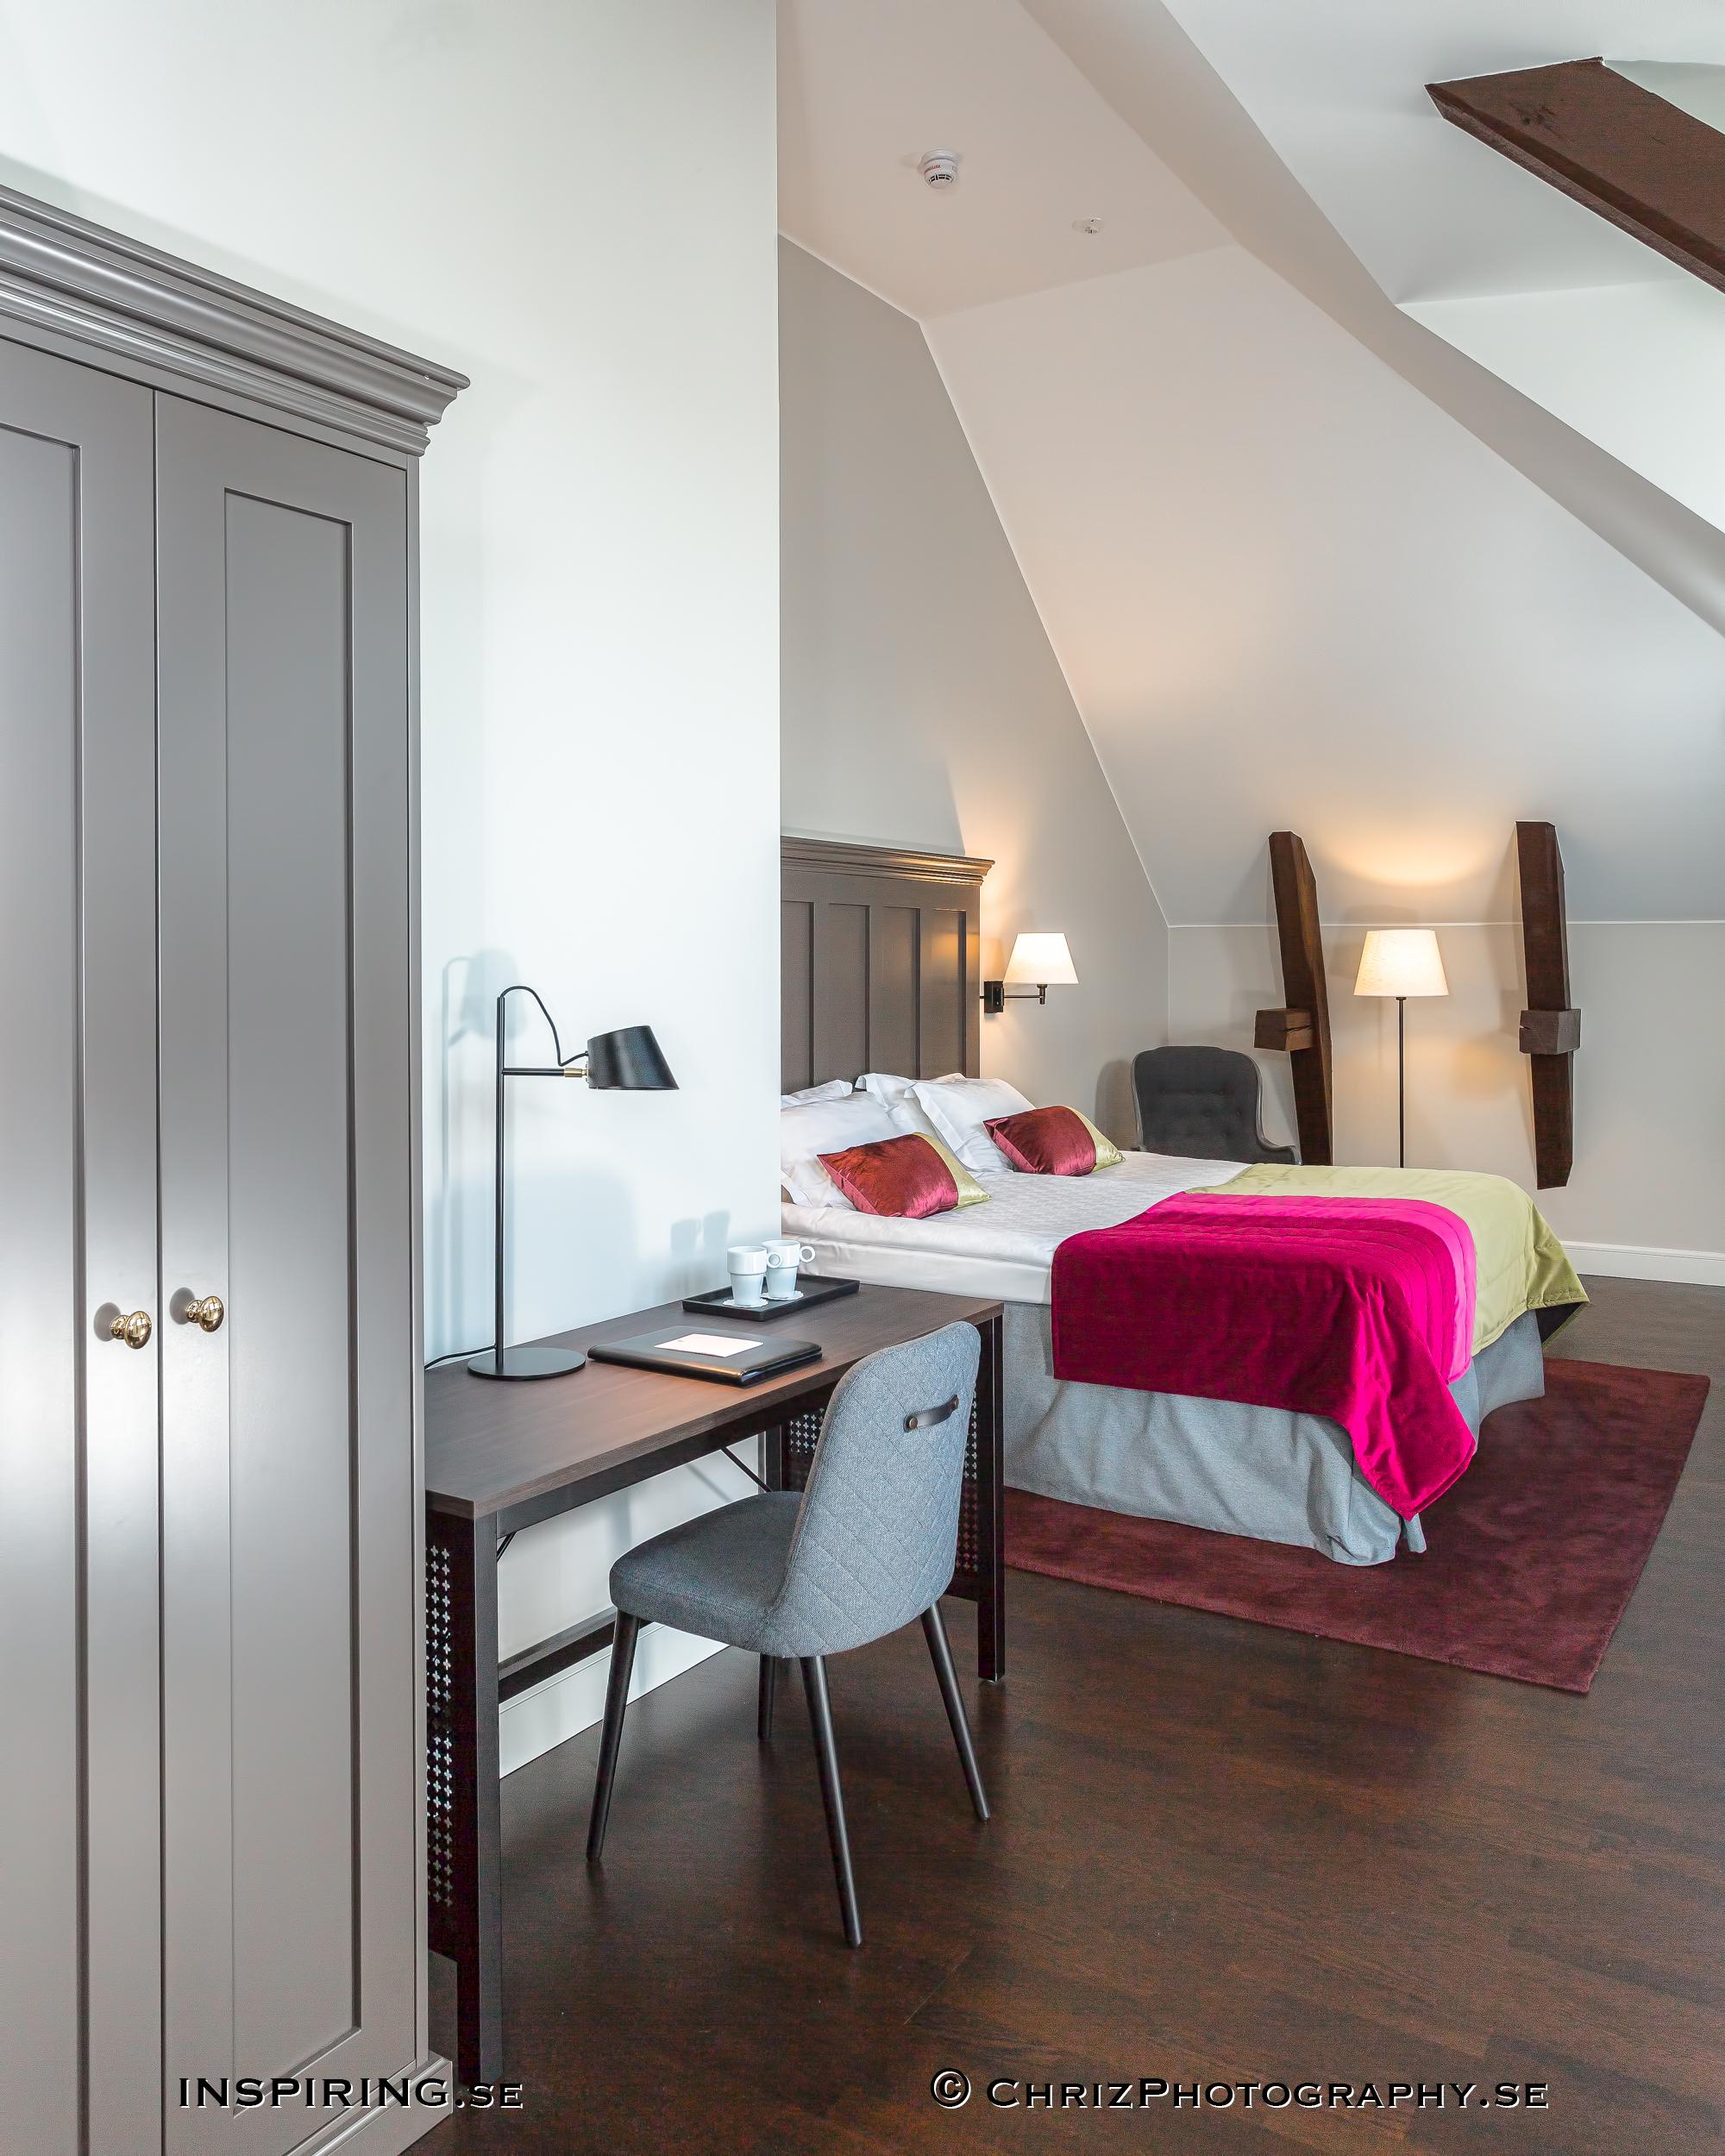 Elite_Hotel_Mimer_Inspiring.se_copyright_ChrizPhotography.se_19.jpg